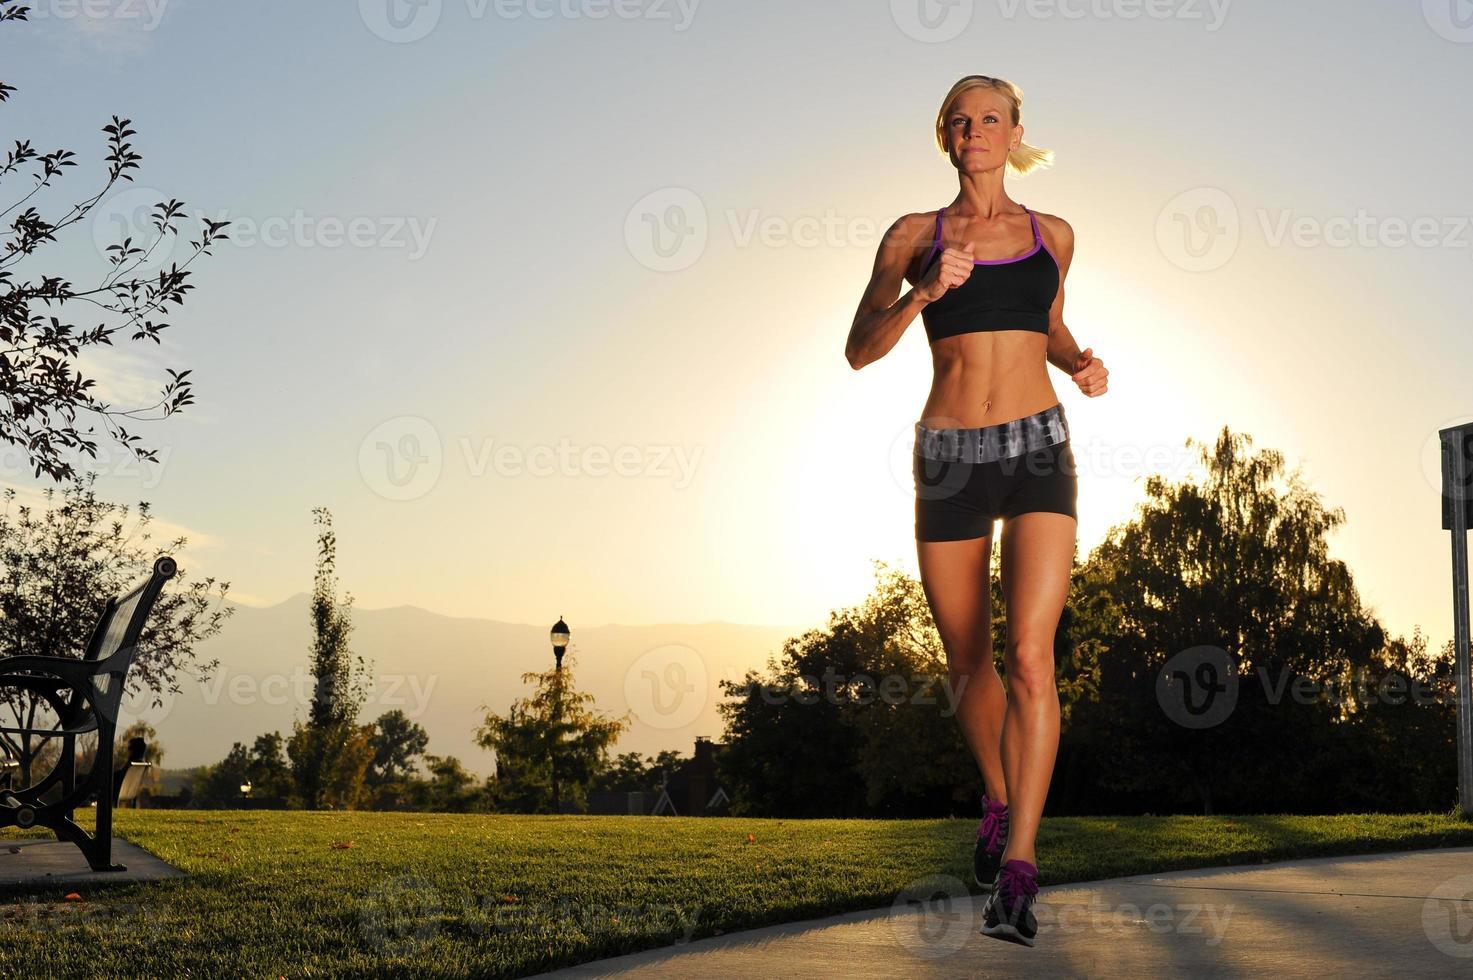 femme athlétique qui court dans le parc photo